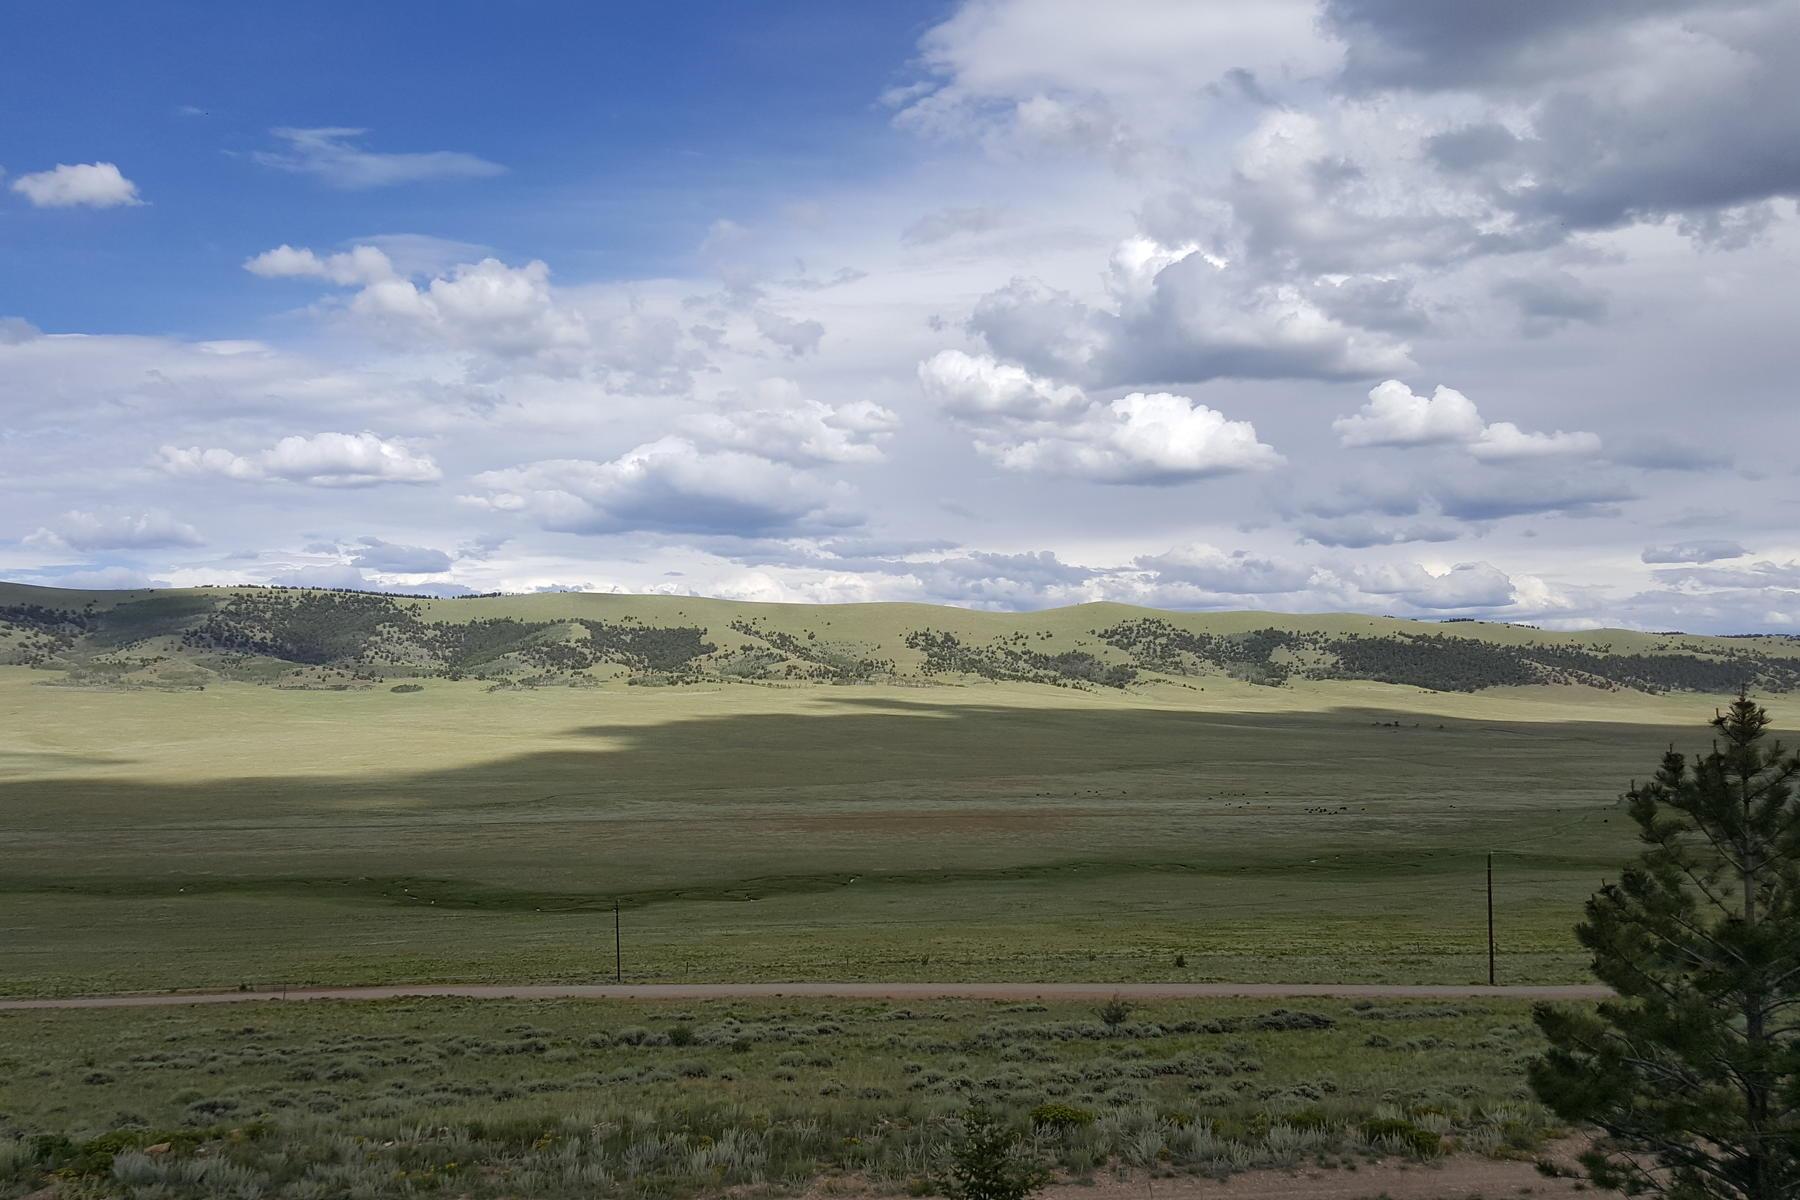 Terreno por un Venta en Big Views of 5 Acres with Fishing Access Lot 488 Redhill Road, Fairplay, Colorado 80440 Estados Unidos